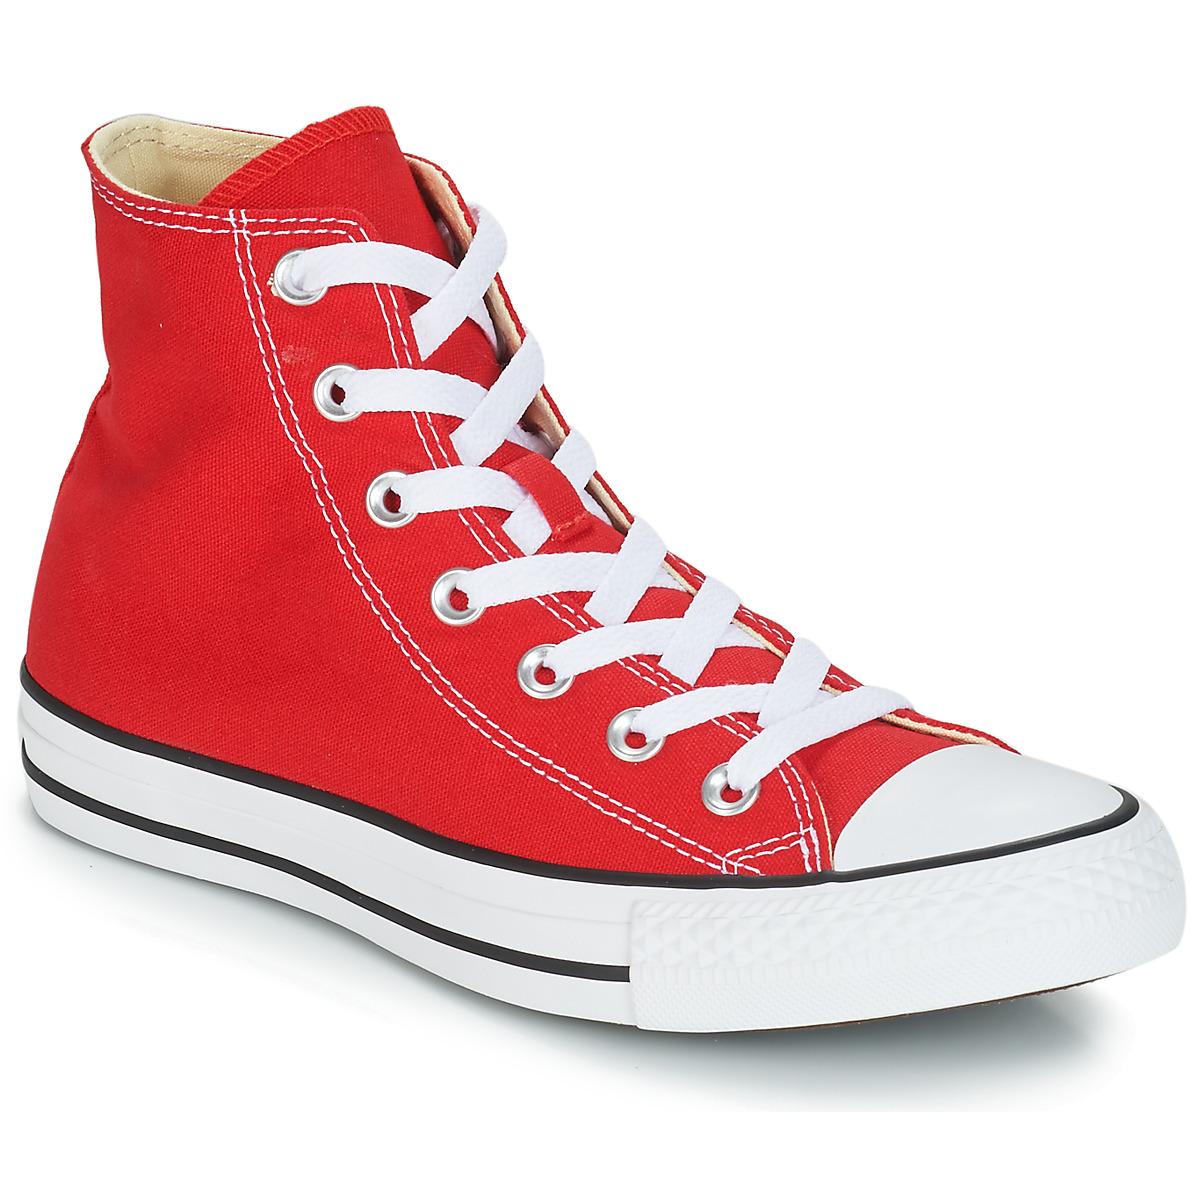 Sneakers alte uomo Converse CHUCK TAYLOR ALL STAR CORE HI Rosso